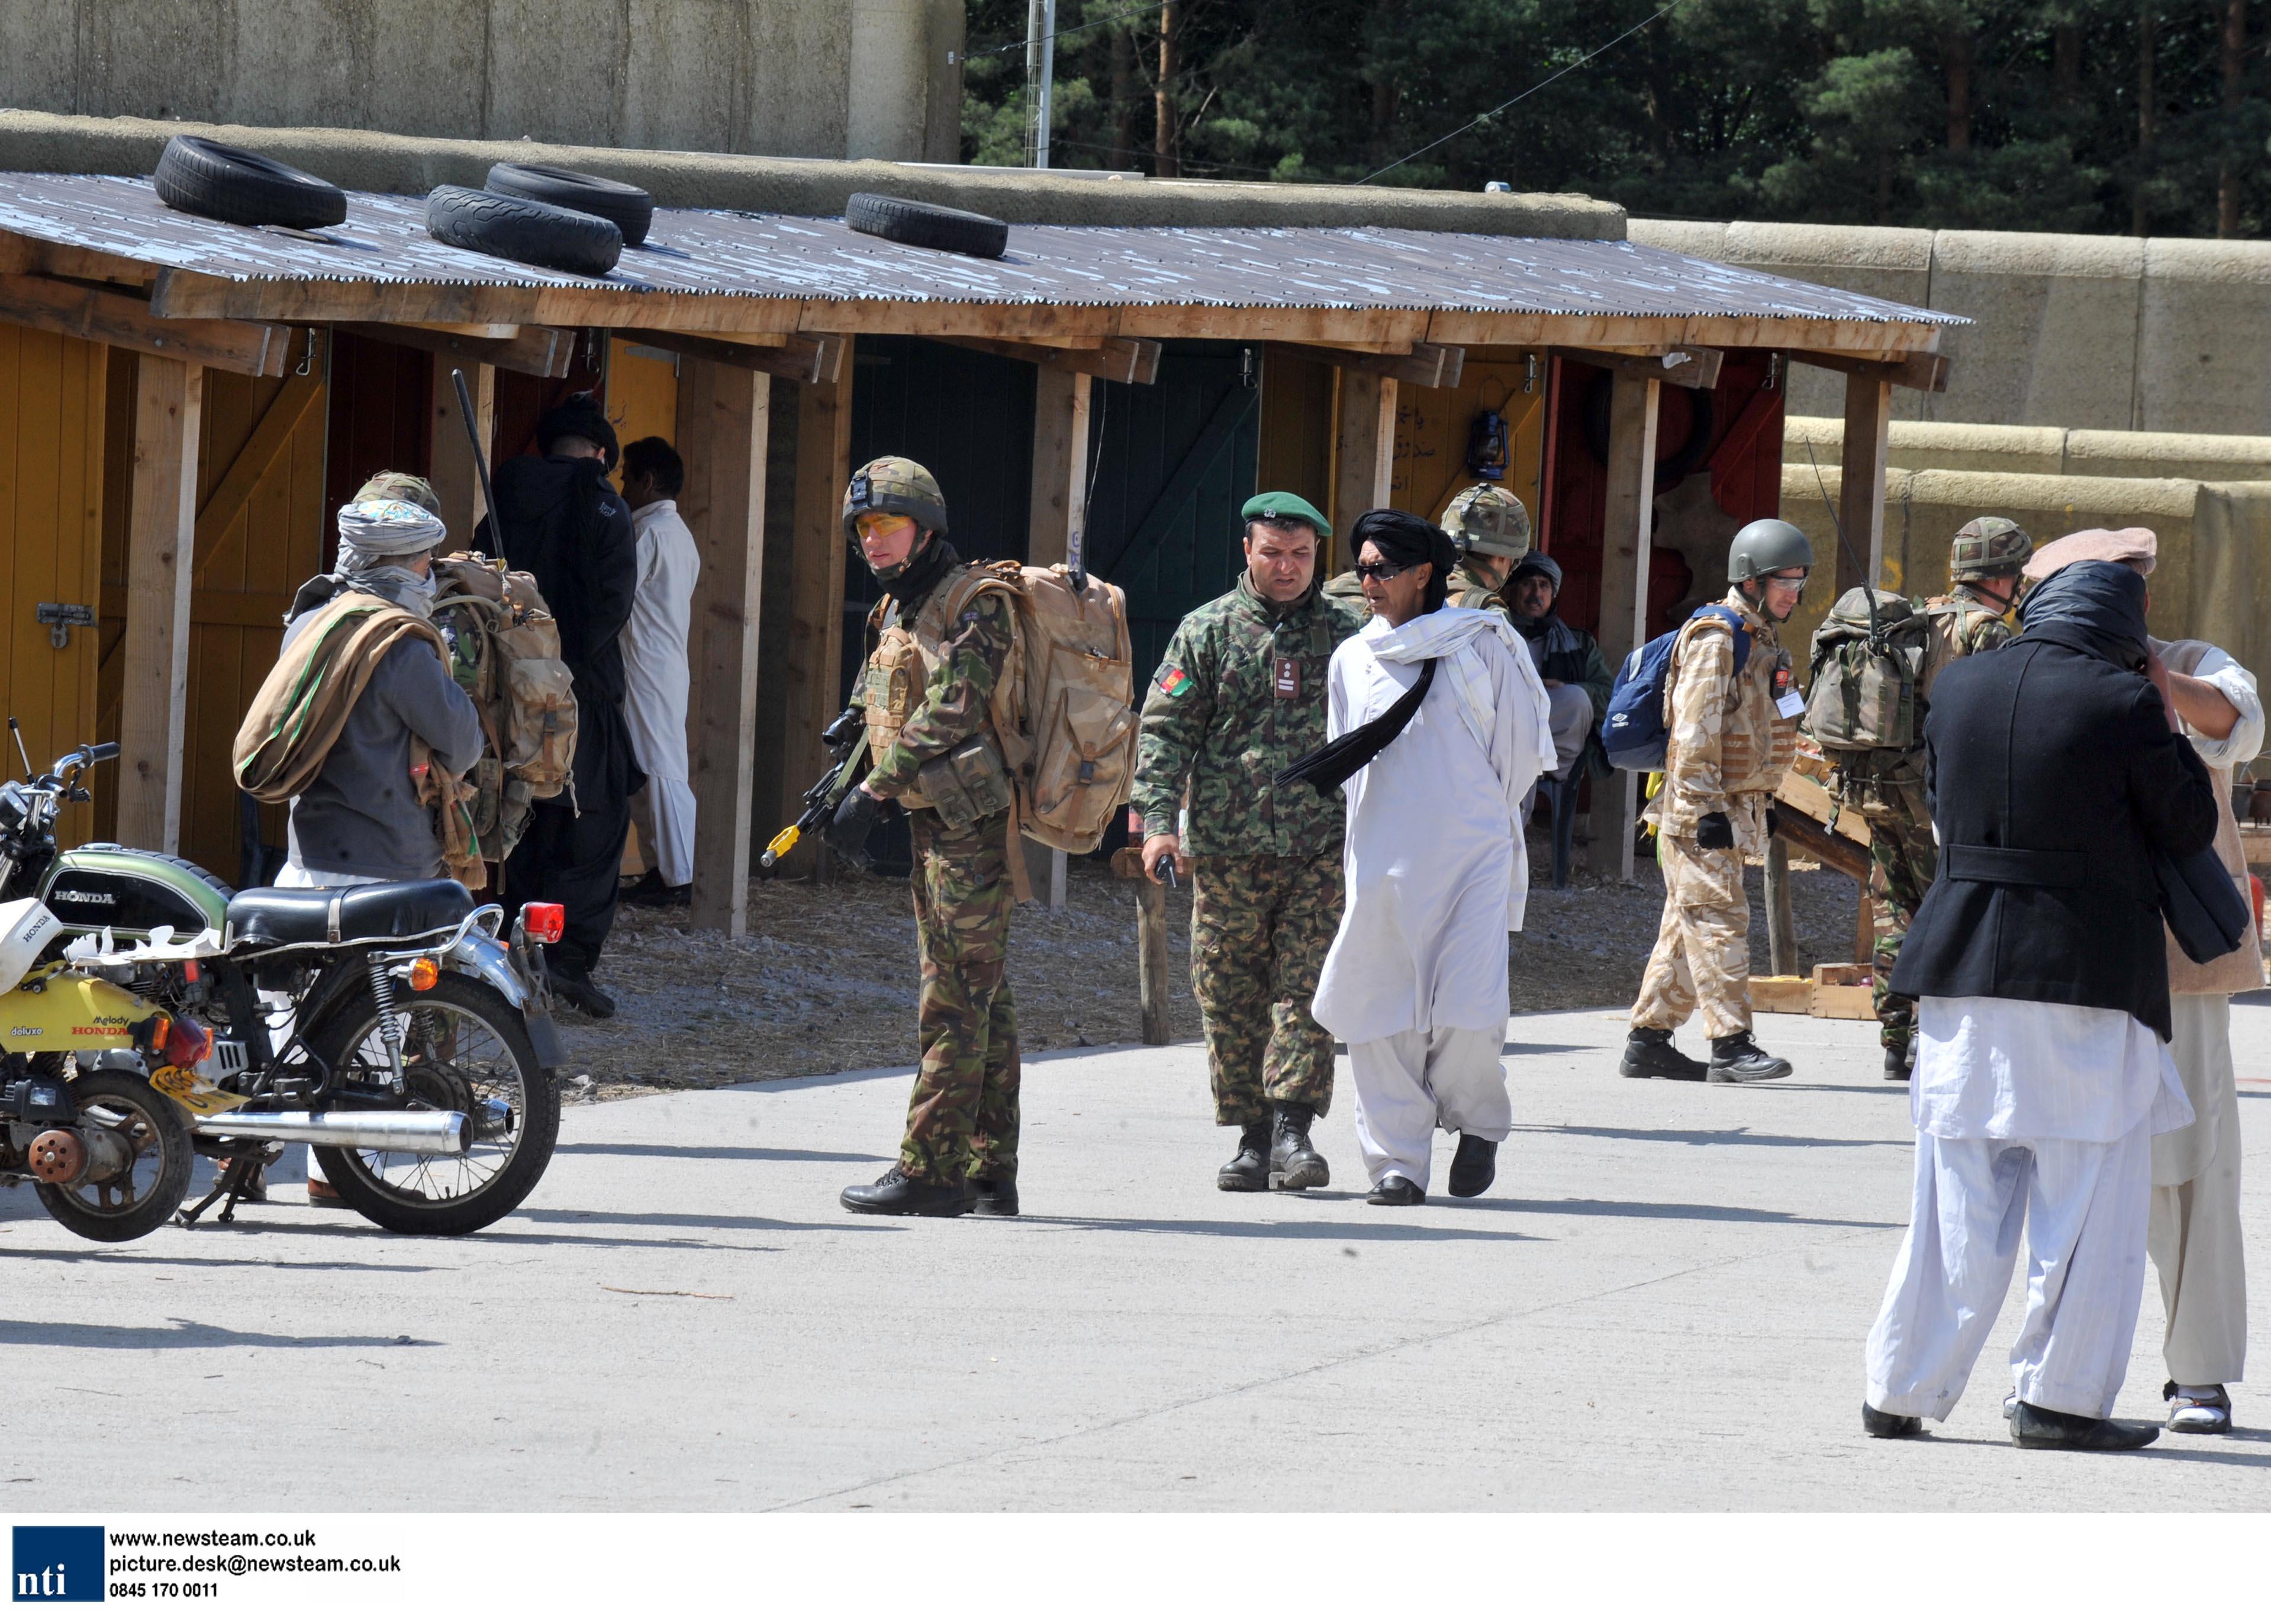 Troops train at Afghan village in Norfolk